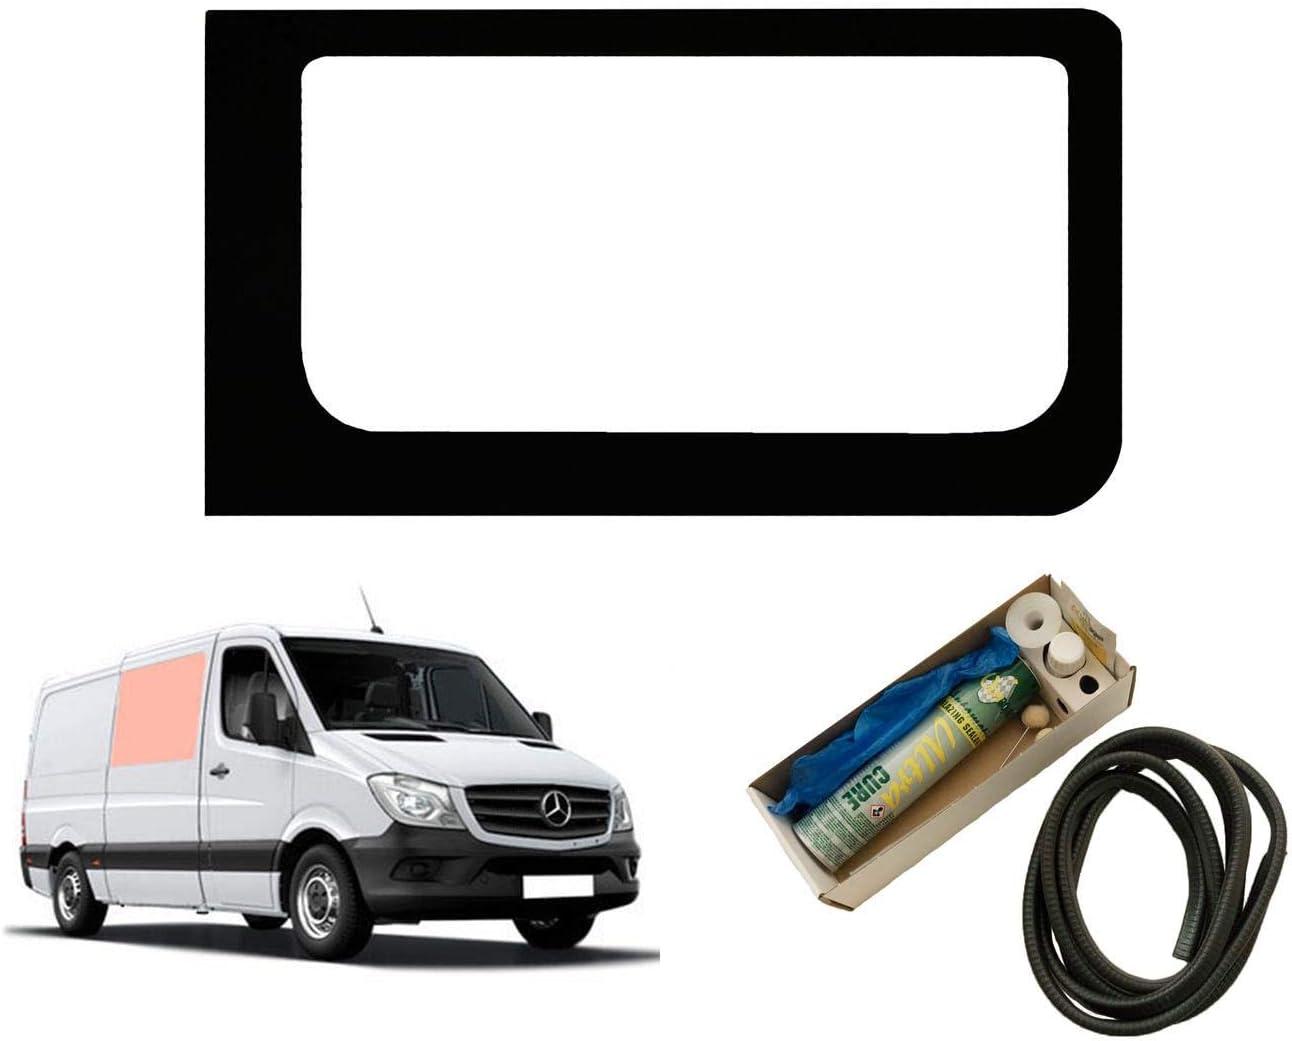 Ventana fija de mano derecha para panel lateral Opp. Kit puerta corredera Mercedes Sprinter (2006 en adelante): Amazon.es: Coche y moto